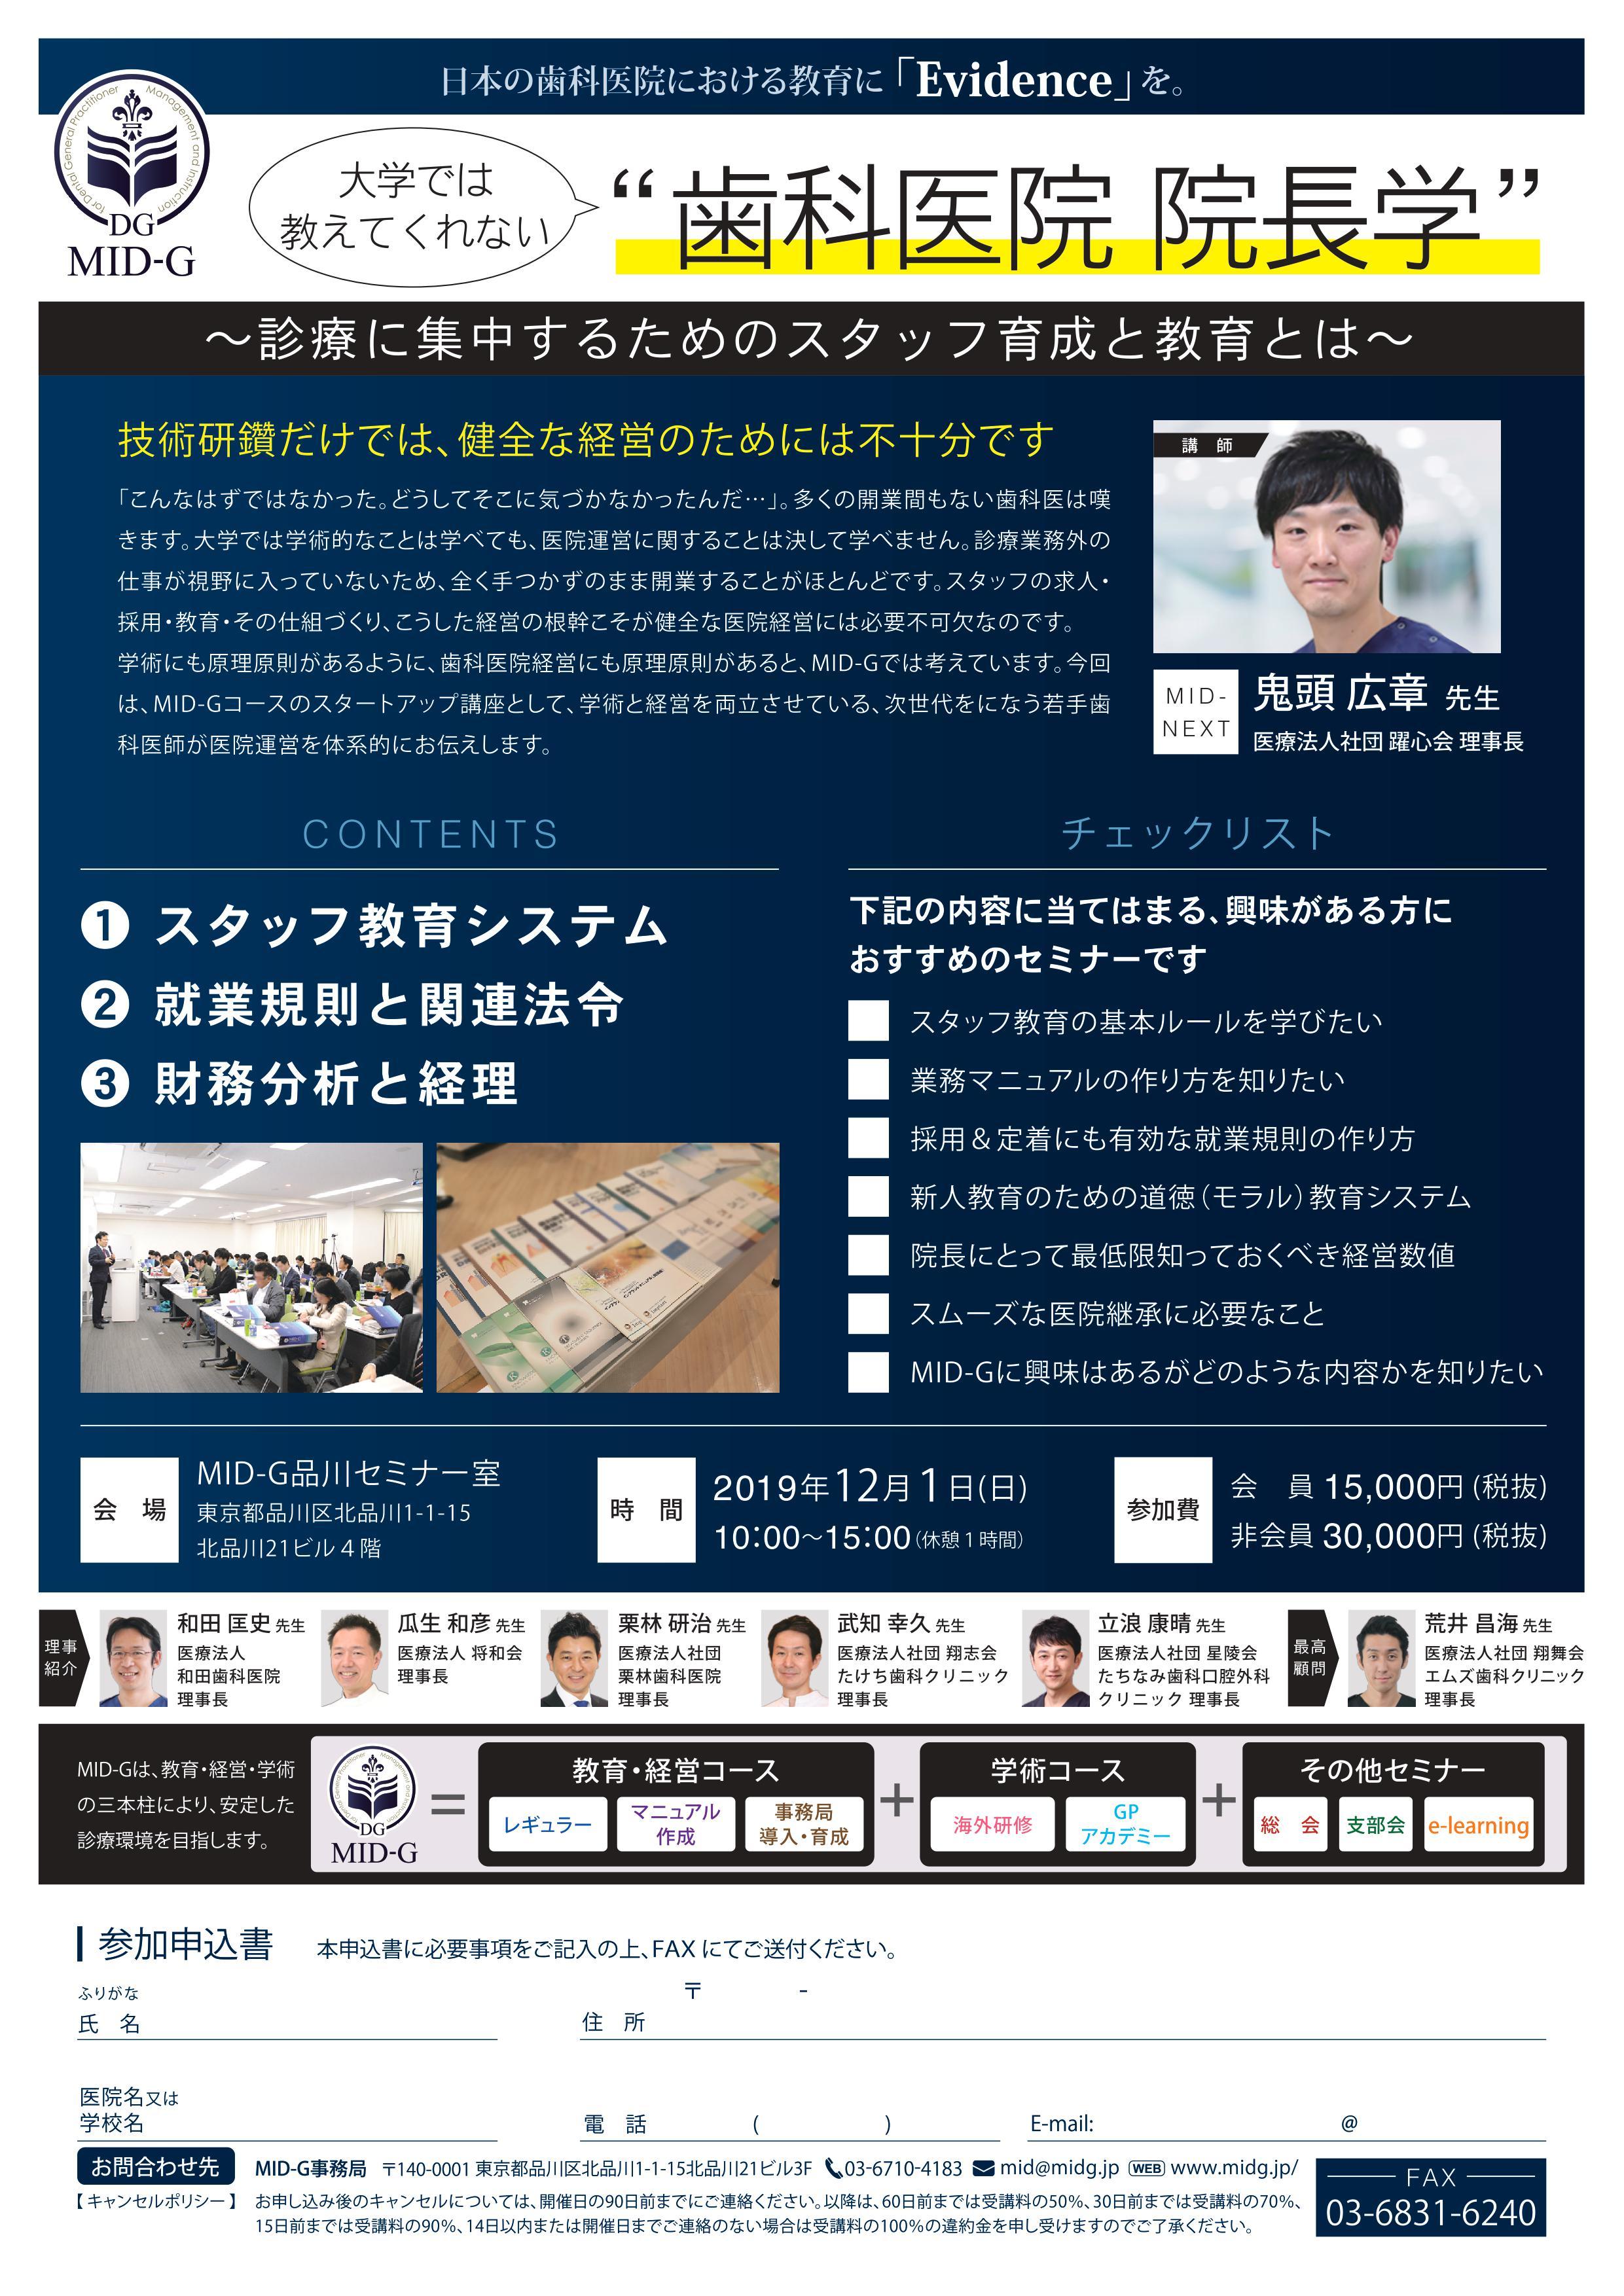 """日本の歯科医院における教育に「Evidence」を。""""大学では教えてくれない歯科医院 院長学""""~診療に集中する為のスタッフ育成と教育とは~"""